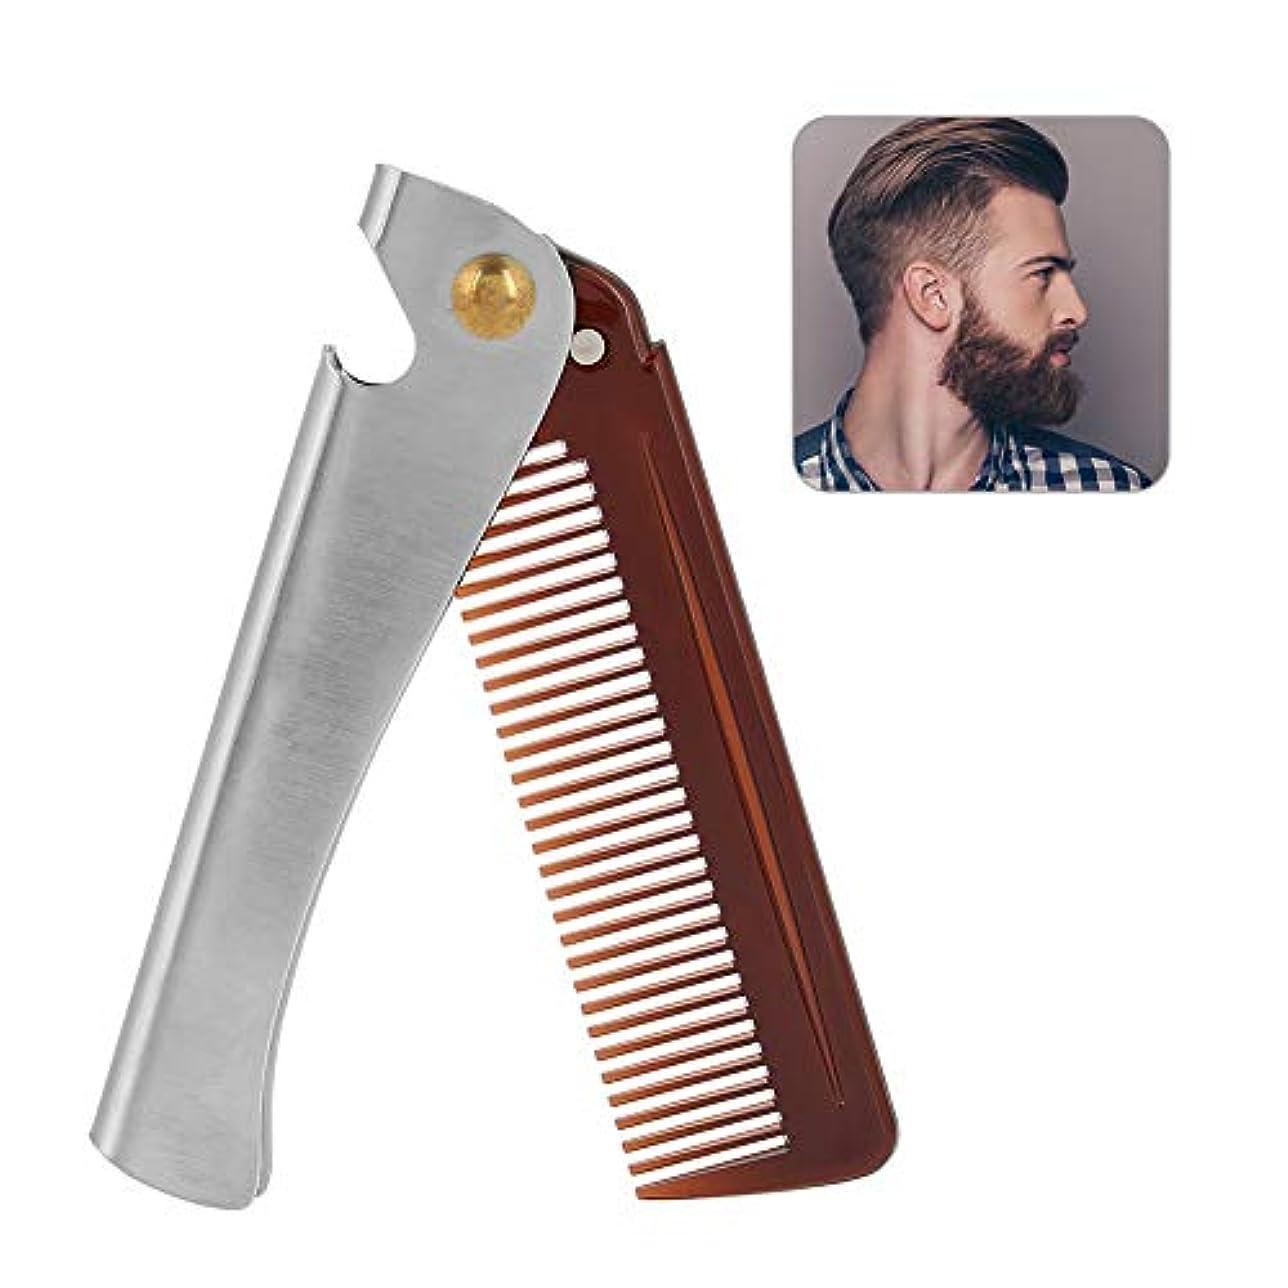 回転年金受給者許容できる男性用のひげとヘアケア折りたたみ櫛と春押しボタン